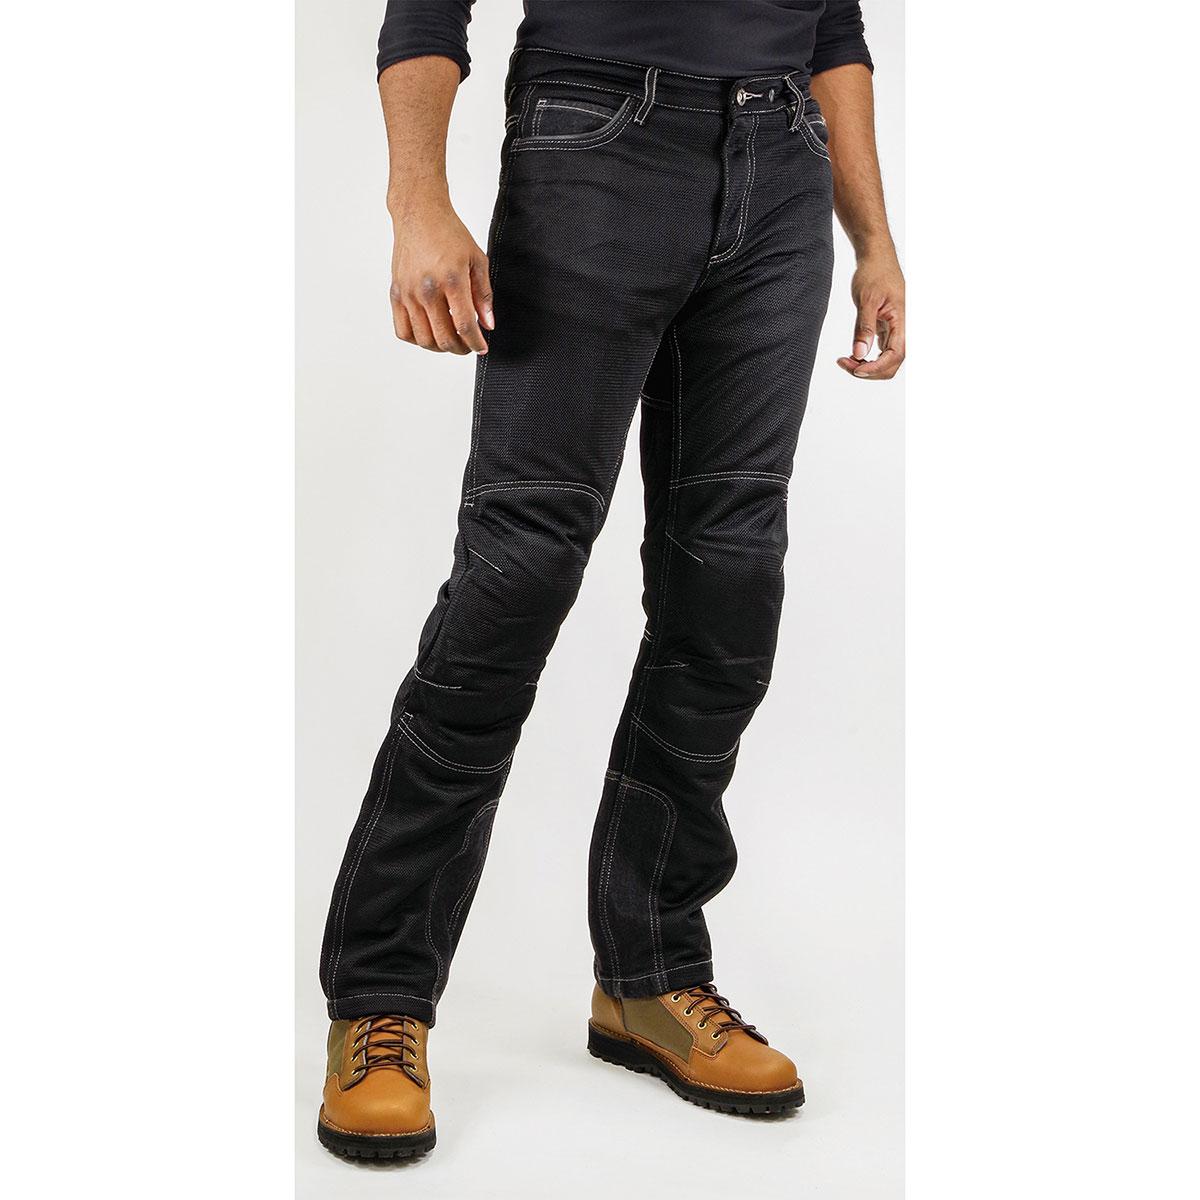 コミネ Komine バイク用 パンツ Pants WJ-740R ライディングメッシュジーンズ 黒 BK 34 XLサイズ 07-740 倉 ブラック 毎日がバーゲンセール XL